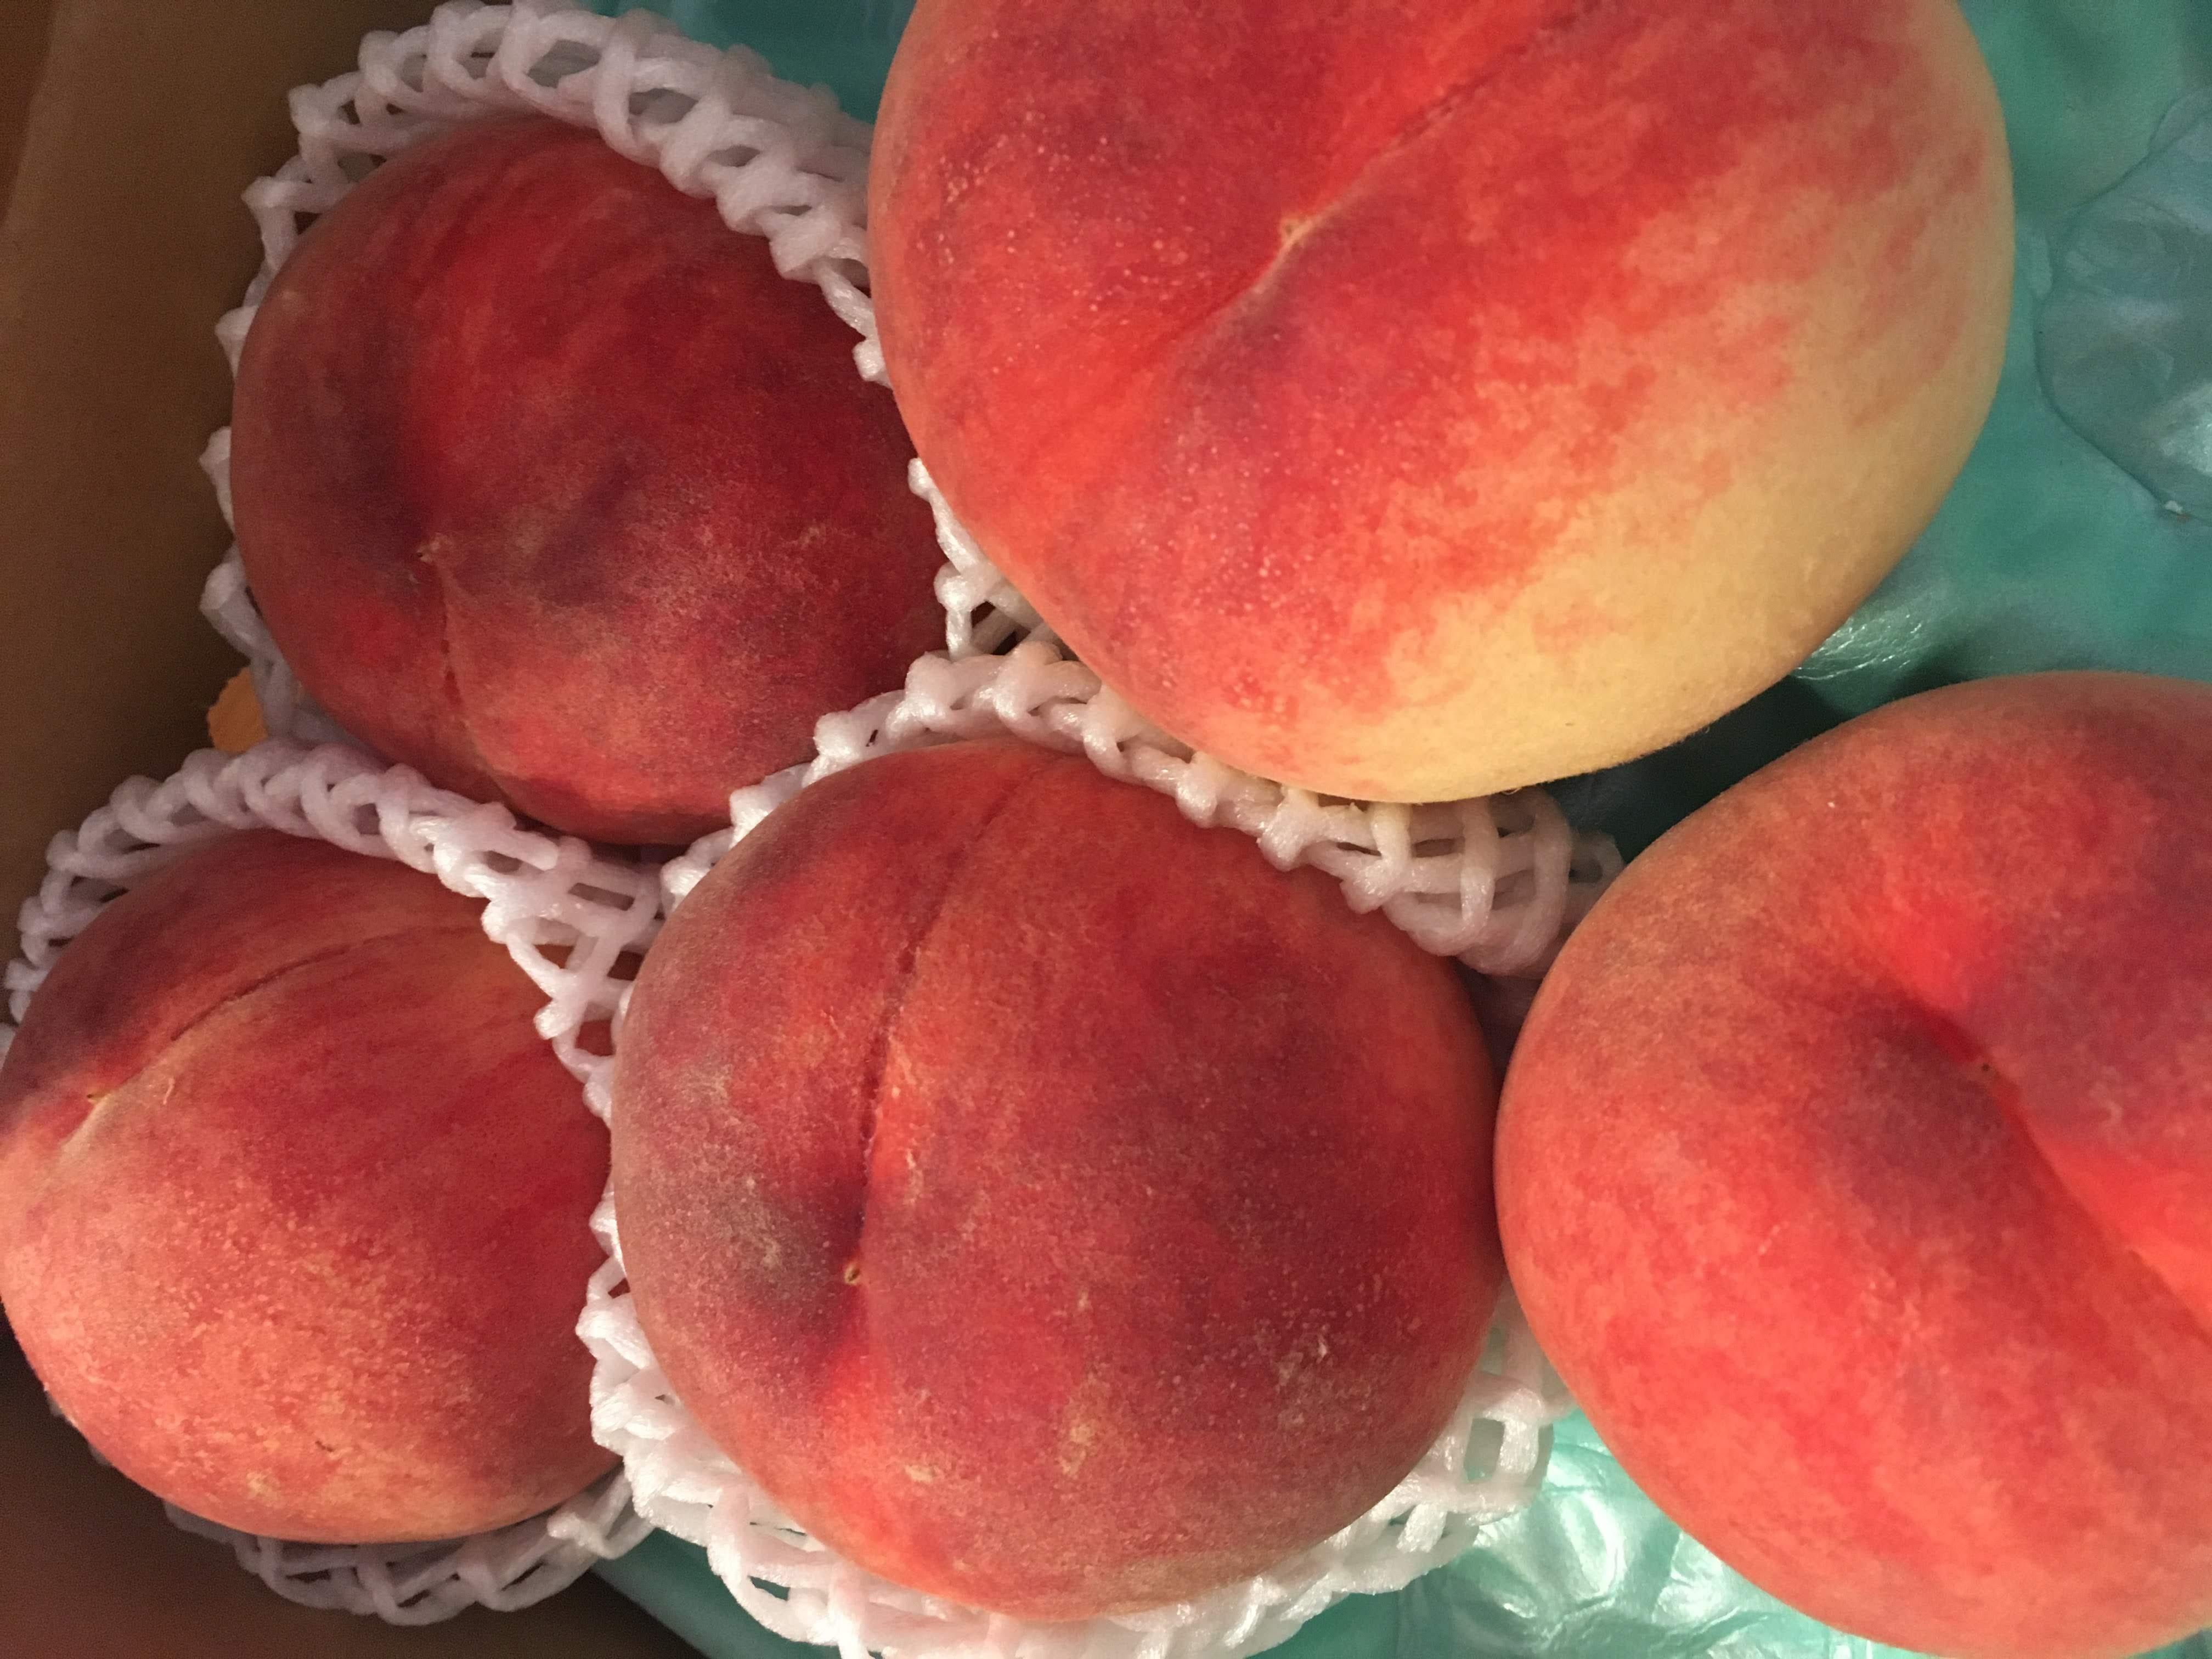 桃の美味しい食べ方&種の取り方・綺麗な切り方